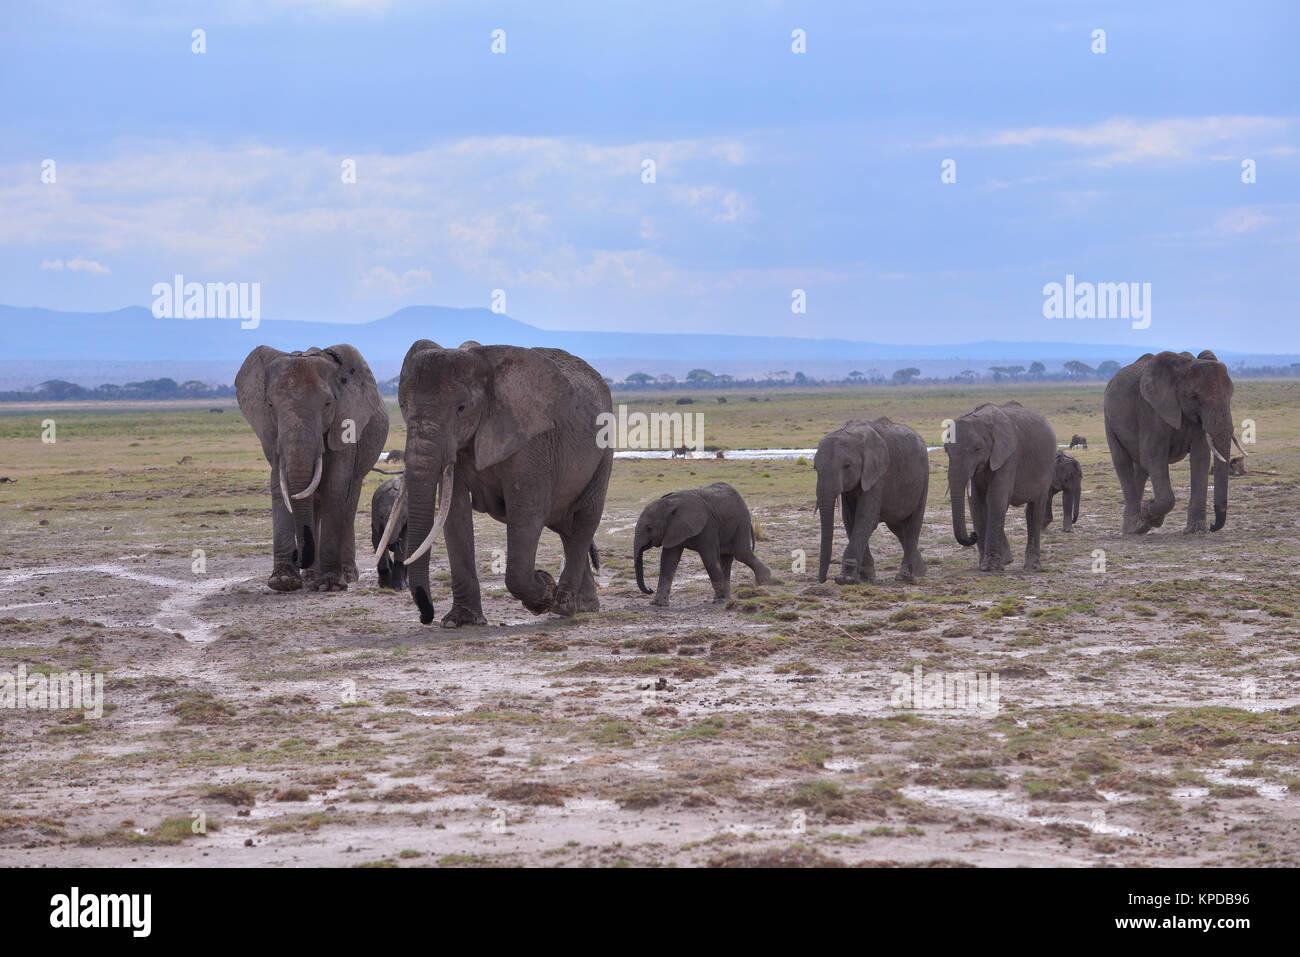 Kenia es un destino turístico de primera en África oriental. Famoso por su belleza natural y la vida silvestre. Imagen De Stock